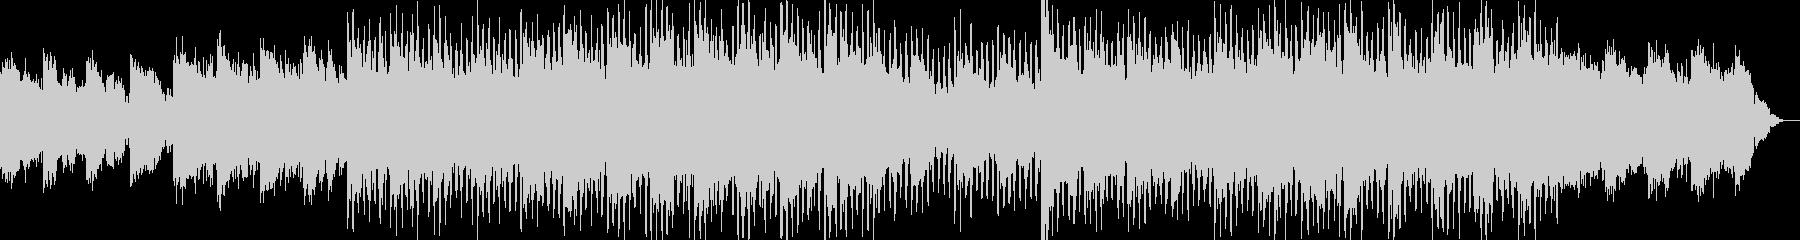 現代的で都会的なクラブ系EDM-10の未再生の波形